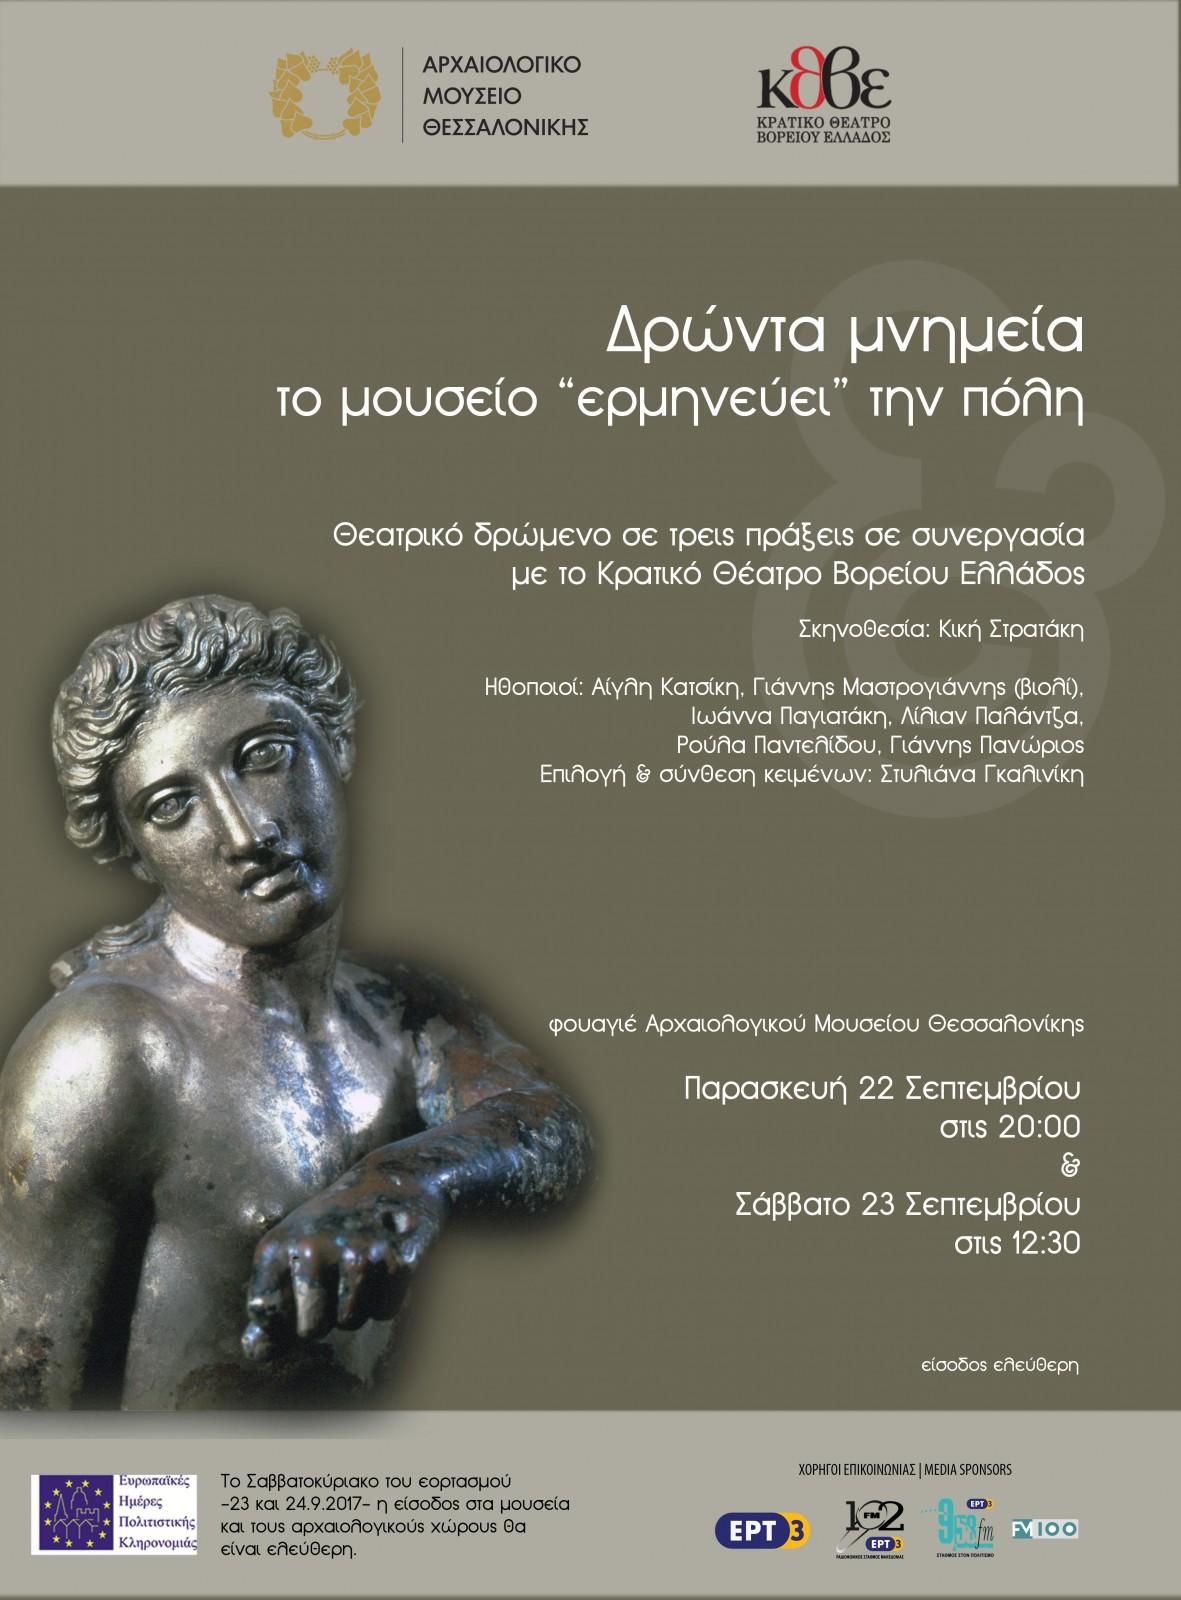 ΔΡΩΝΤΑ ΜΝΗΜΕΙΑ Αφίσα